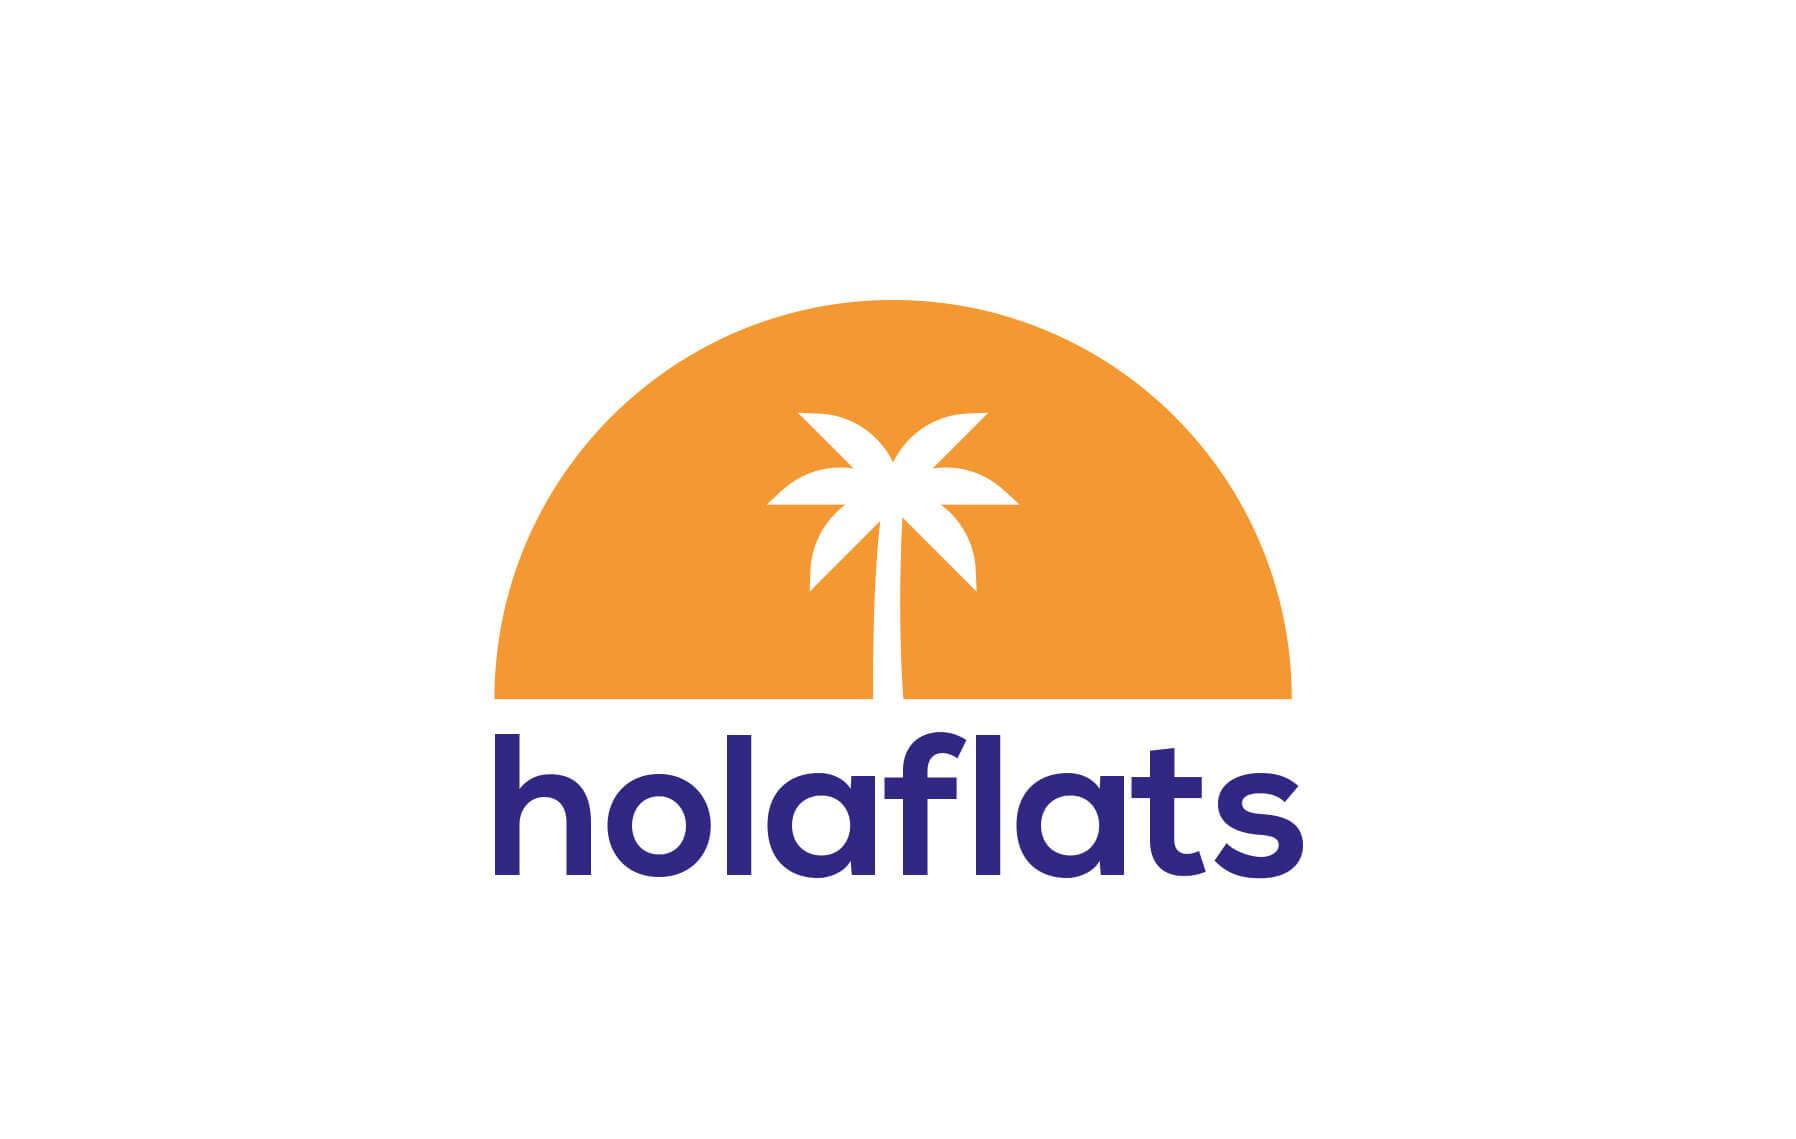 Holaflats Logo Design